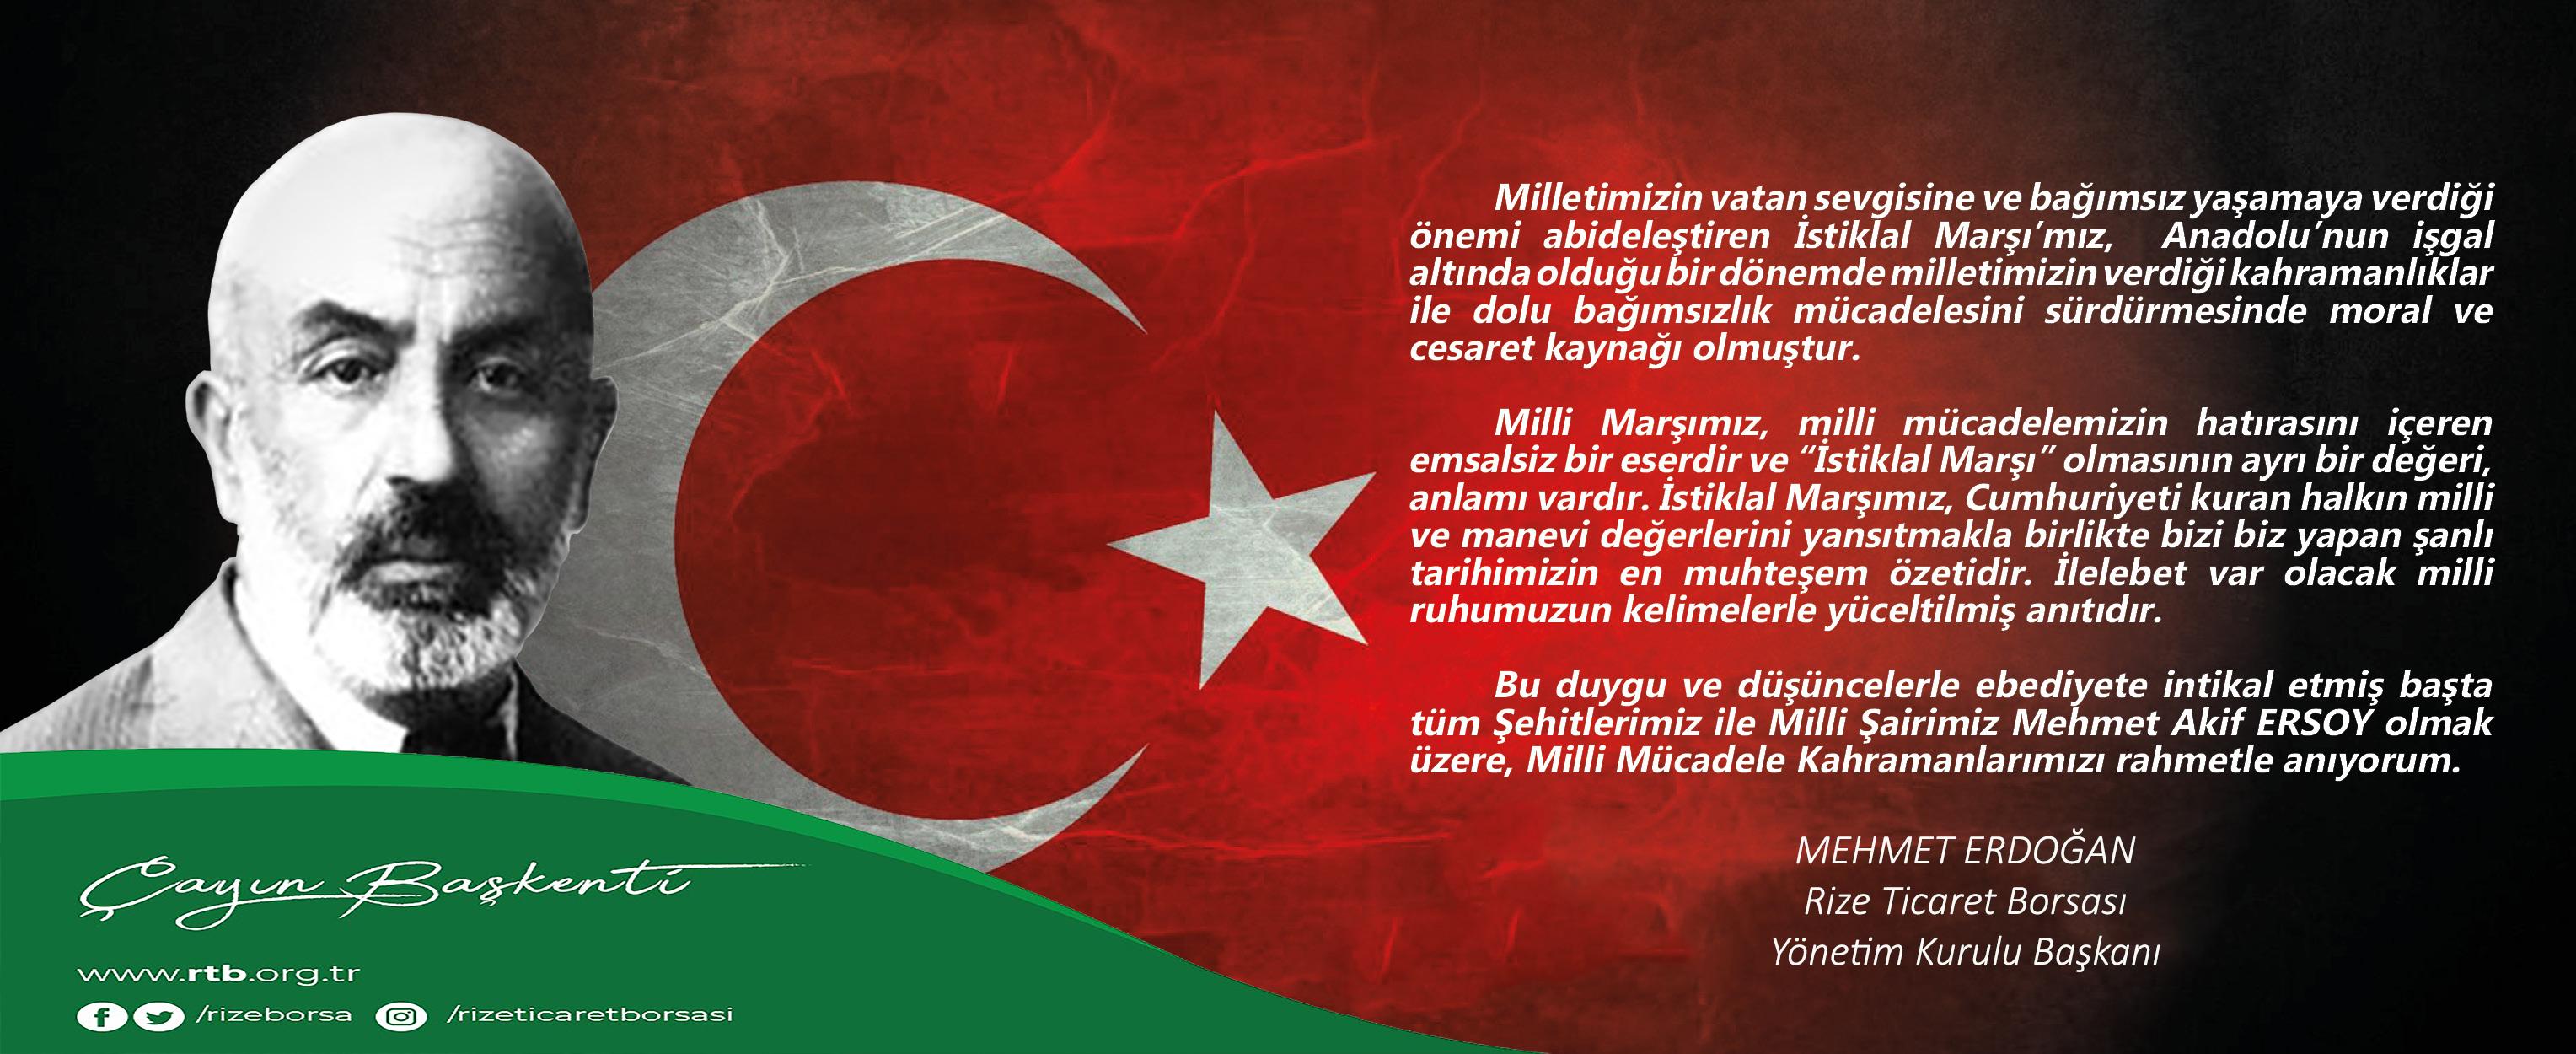 İstiklal Marşı Kabulünün 99. Yıl Dönümü